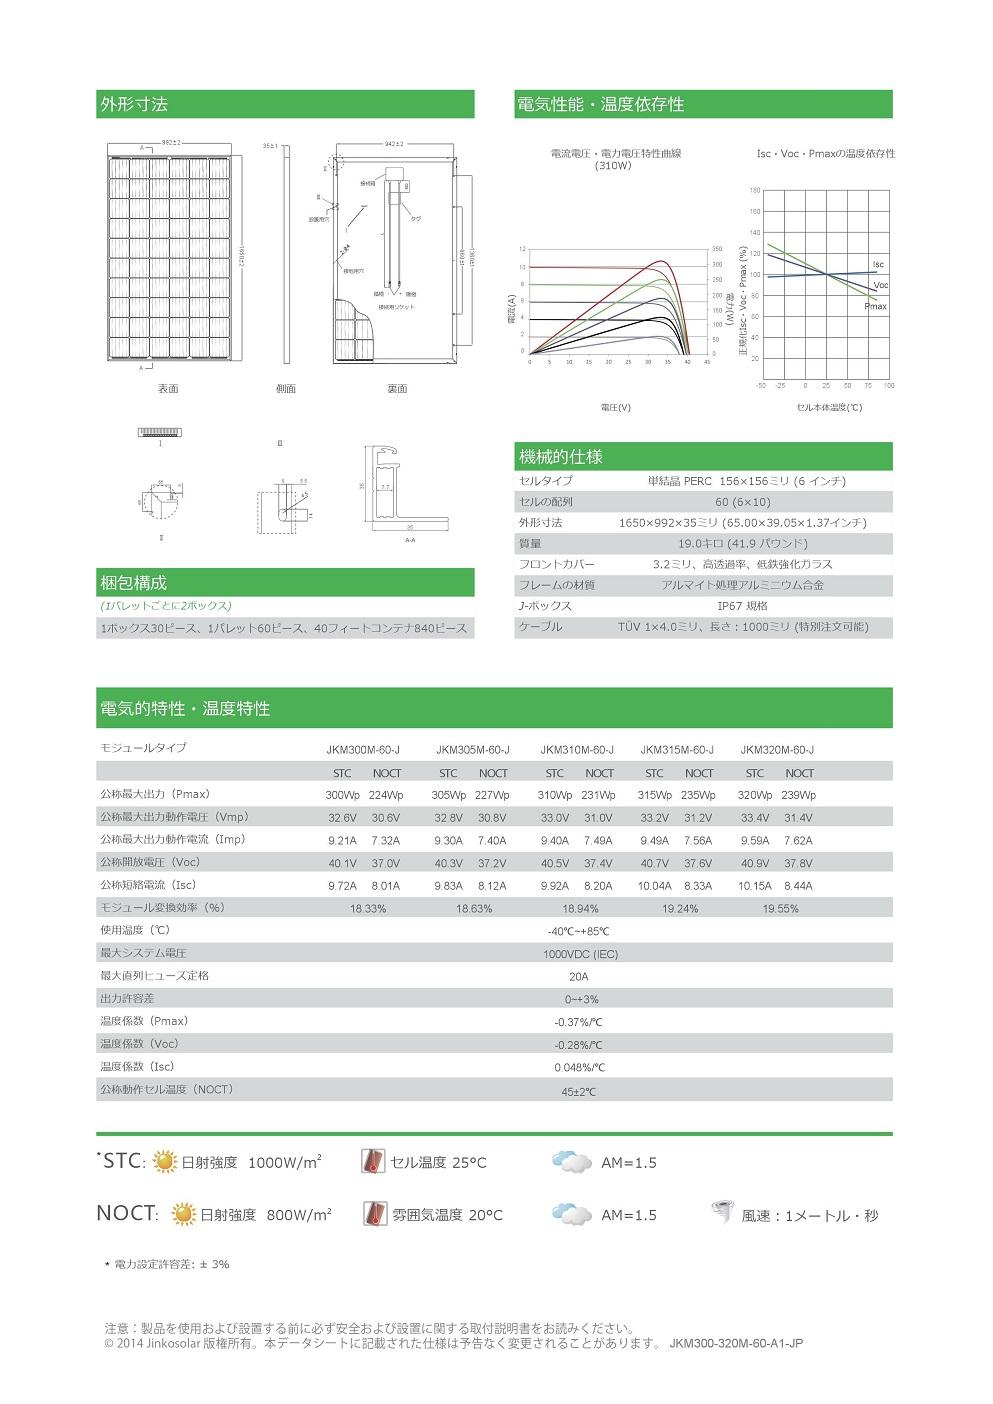 【単結晶310W】ジンコソーラー 太陽光発電パネル JKM310M-60-J ソーラーパネル